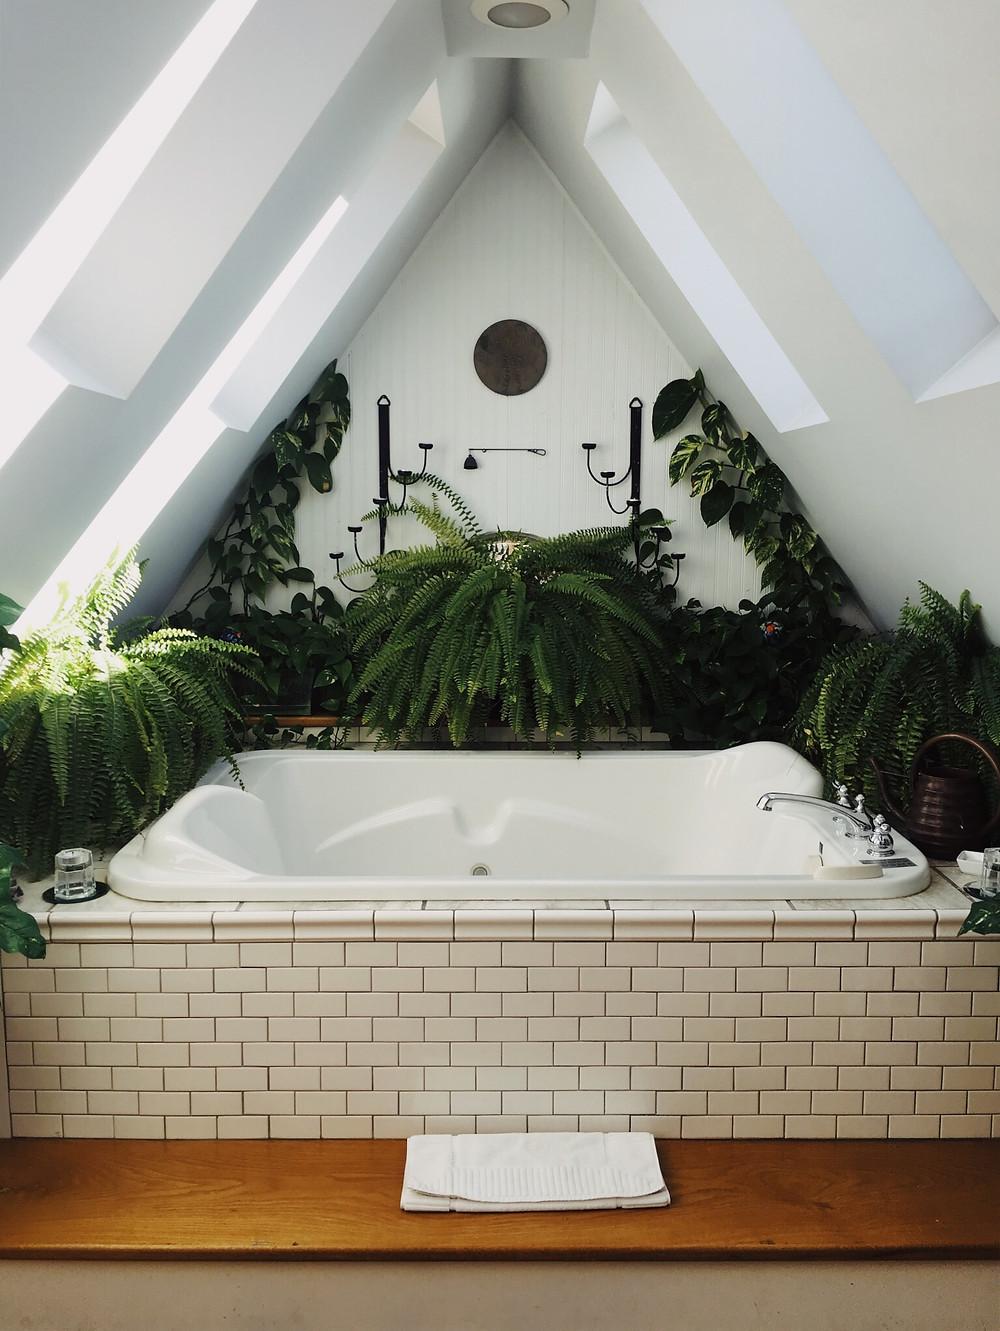 Baño sostenible. Tina rodeada de matas para hacer el baño más verde y sostenible. Casa sostenible.